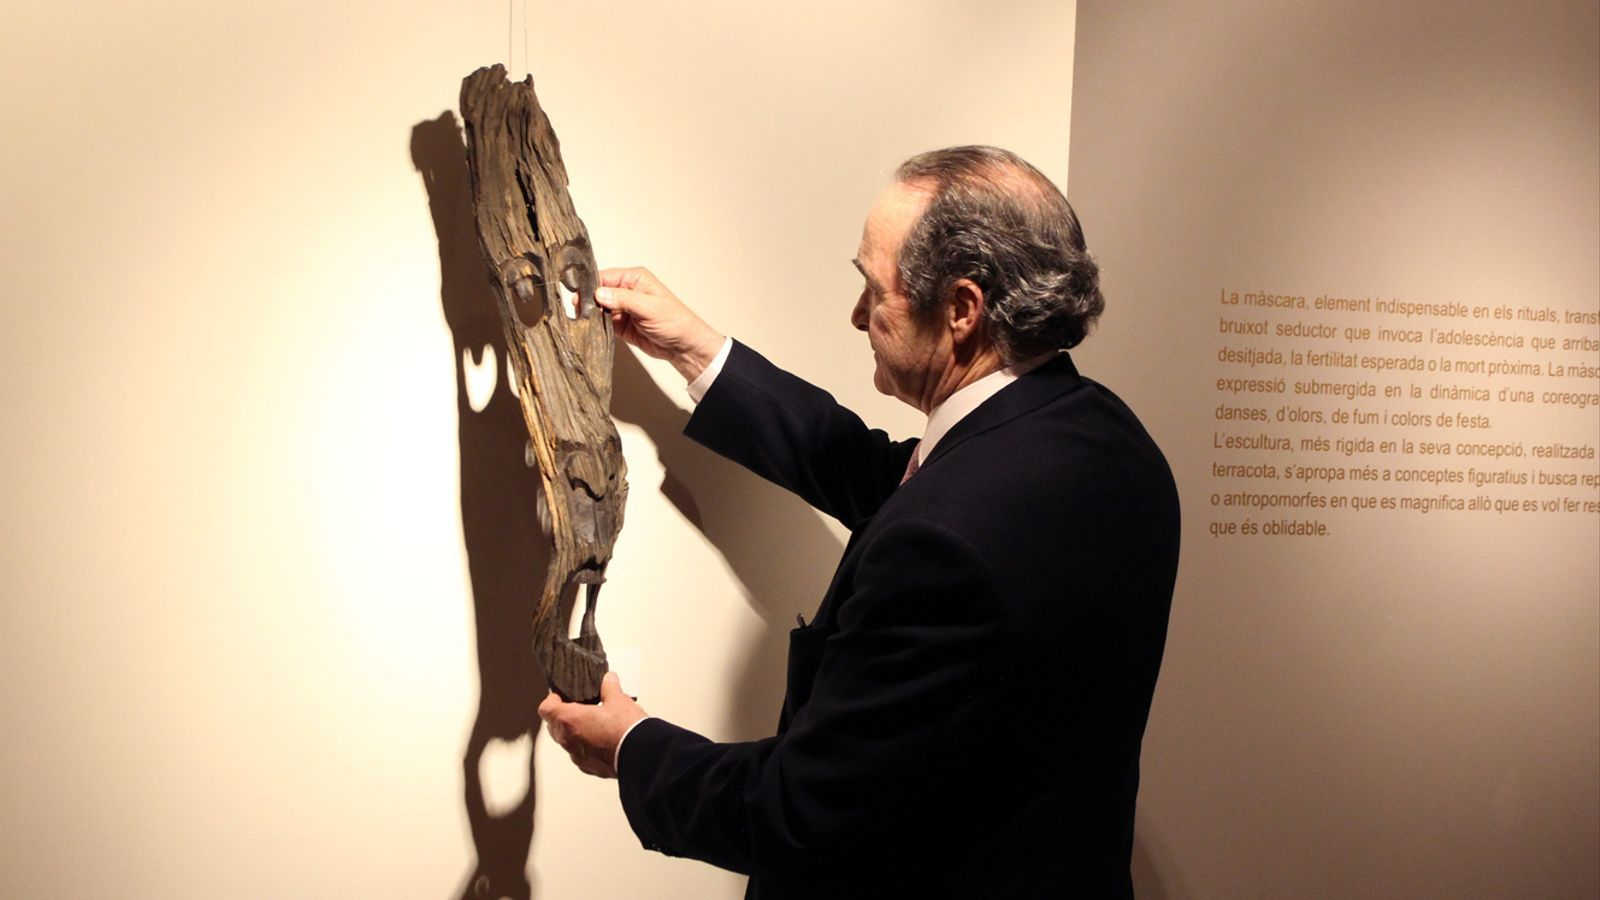 El col·leccionsta Ramon Abad mostra una de les peces de la seva col·lecció. / T. N. (ANA)